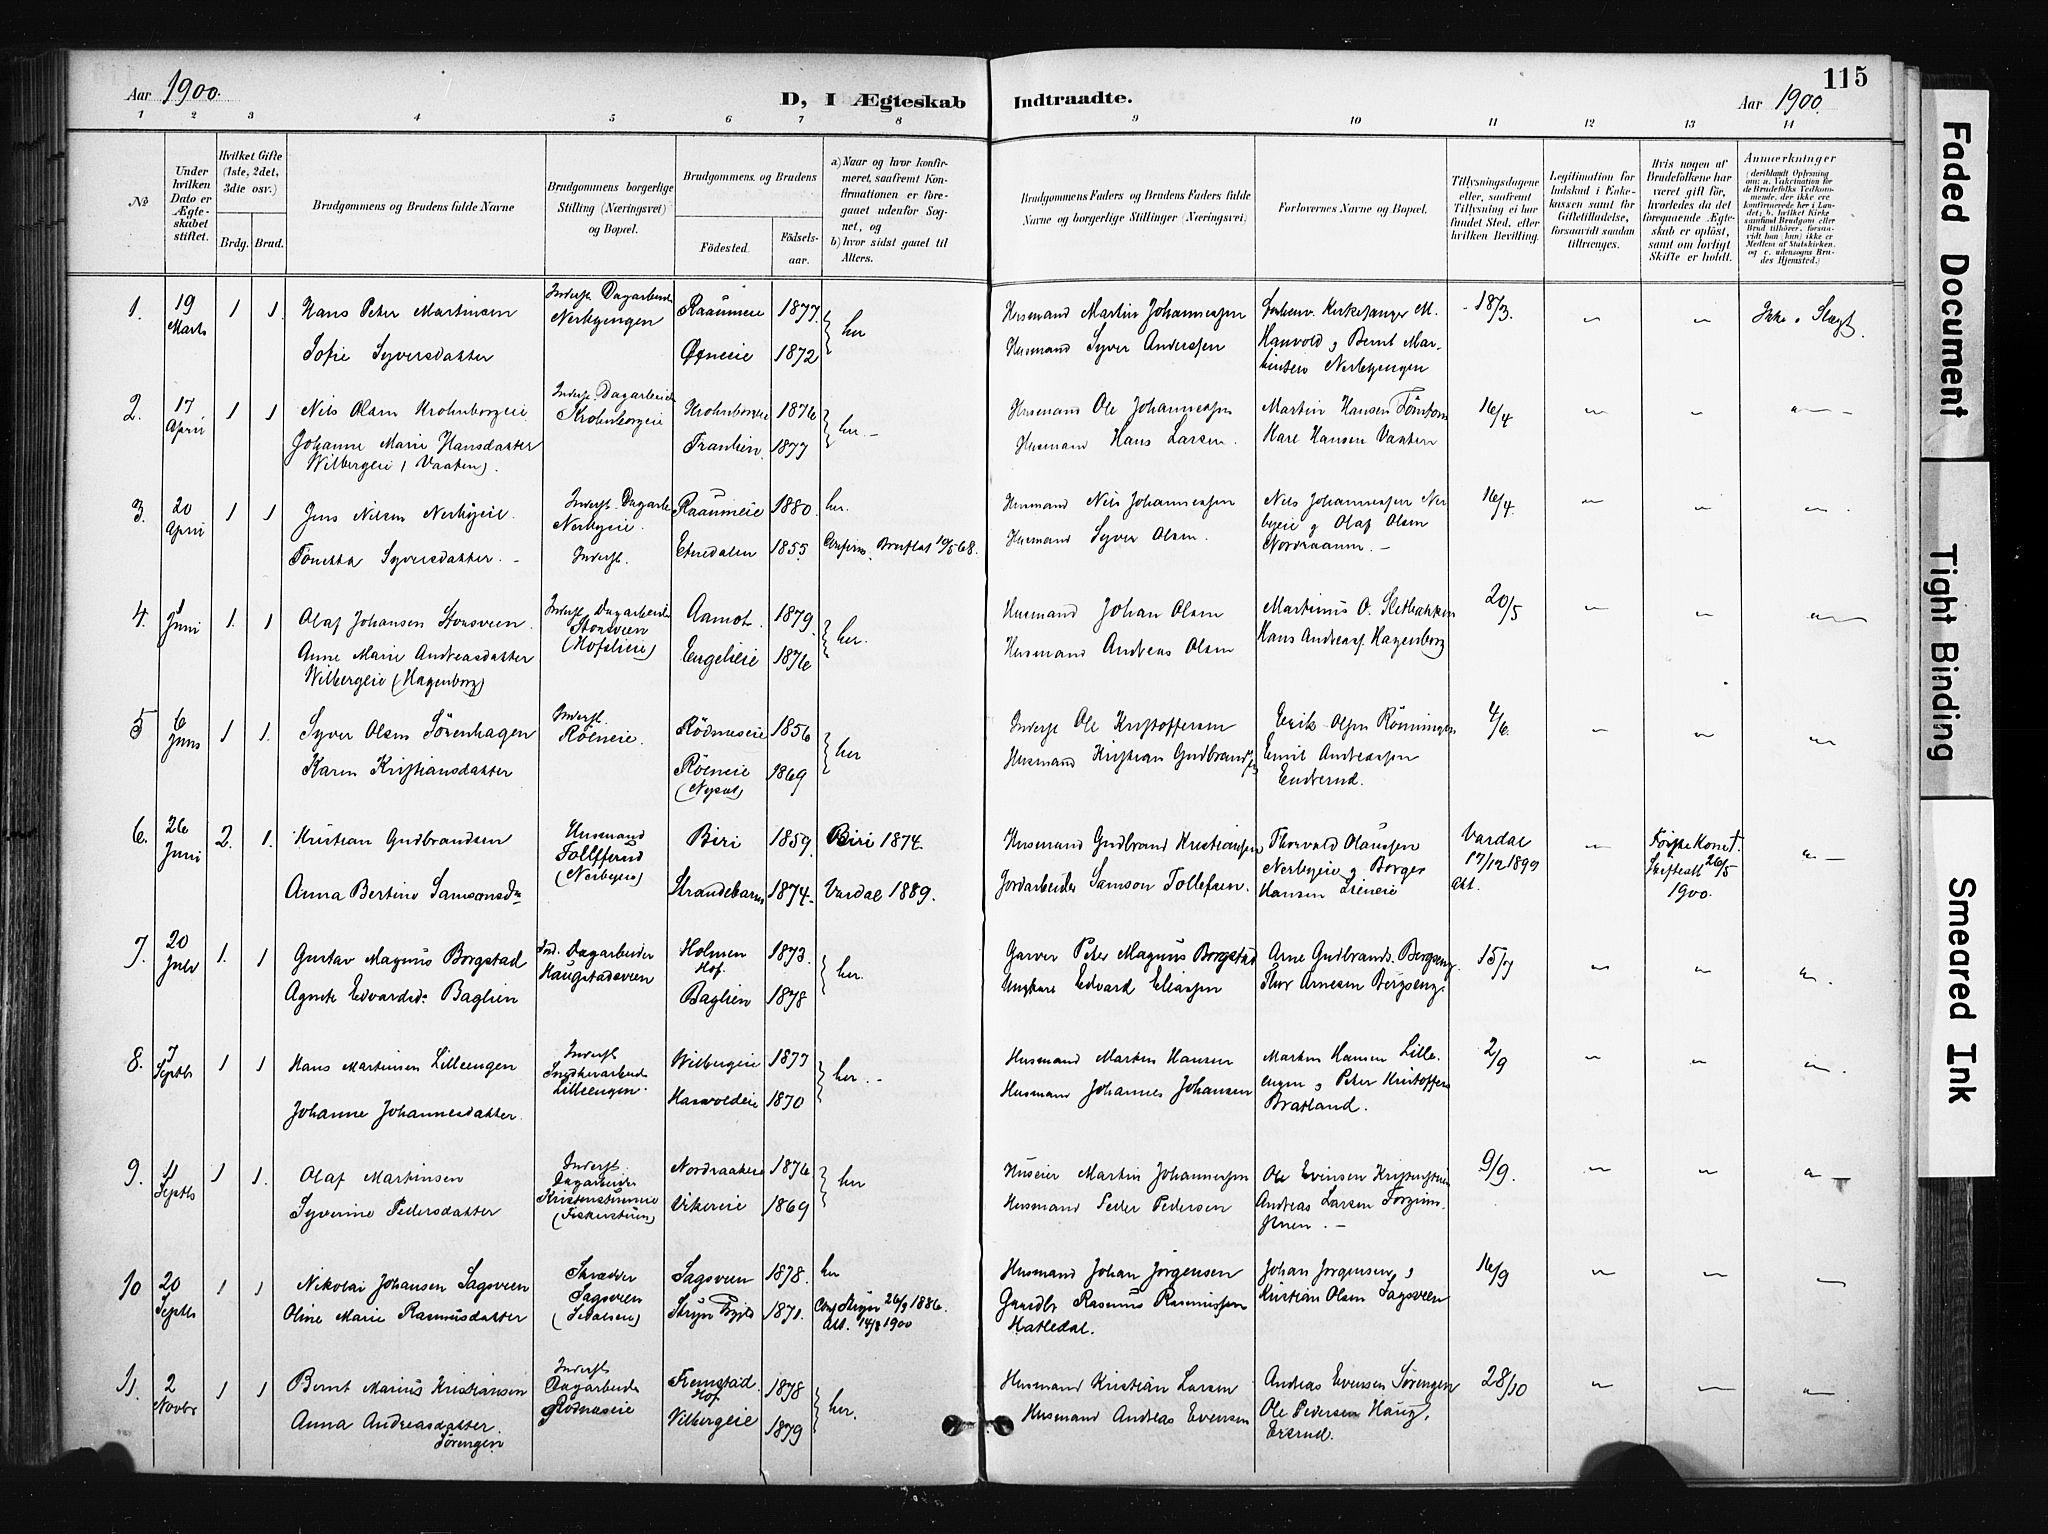 SAH, Søndre Land prestekontor, K/L0004: Ministerialbok nr. 4, 1895-1904, s. 115